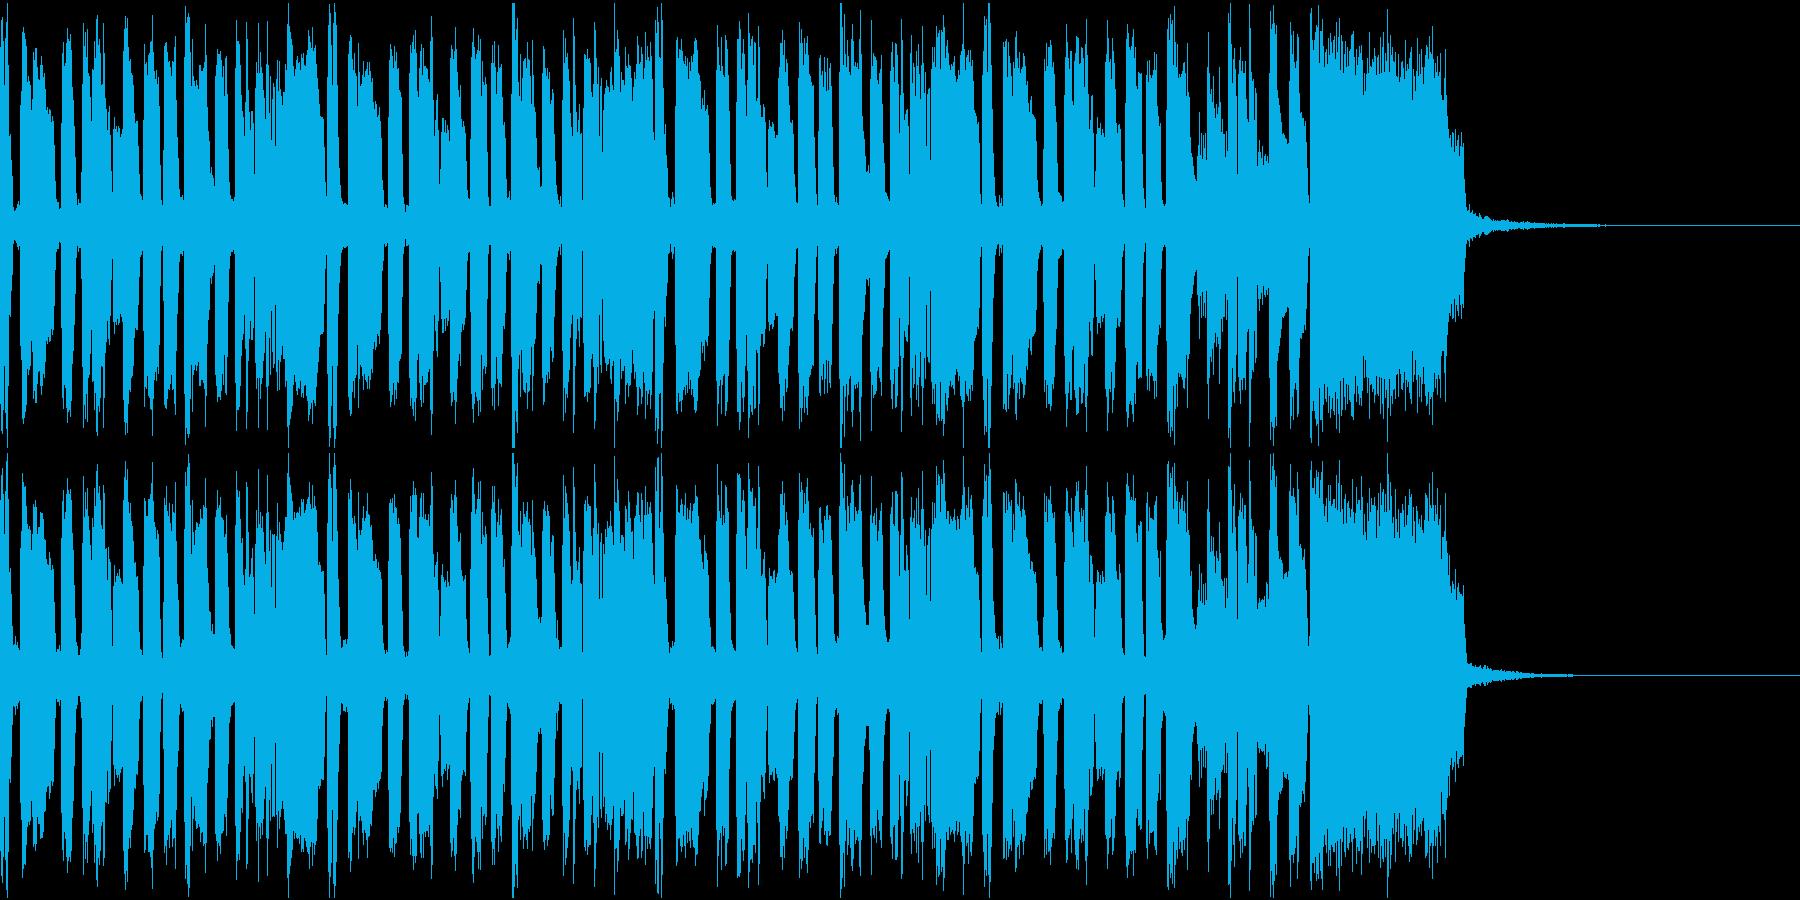 ニュース ラジオ テクノジングル4の再生済みの波形